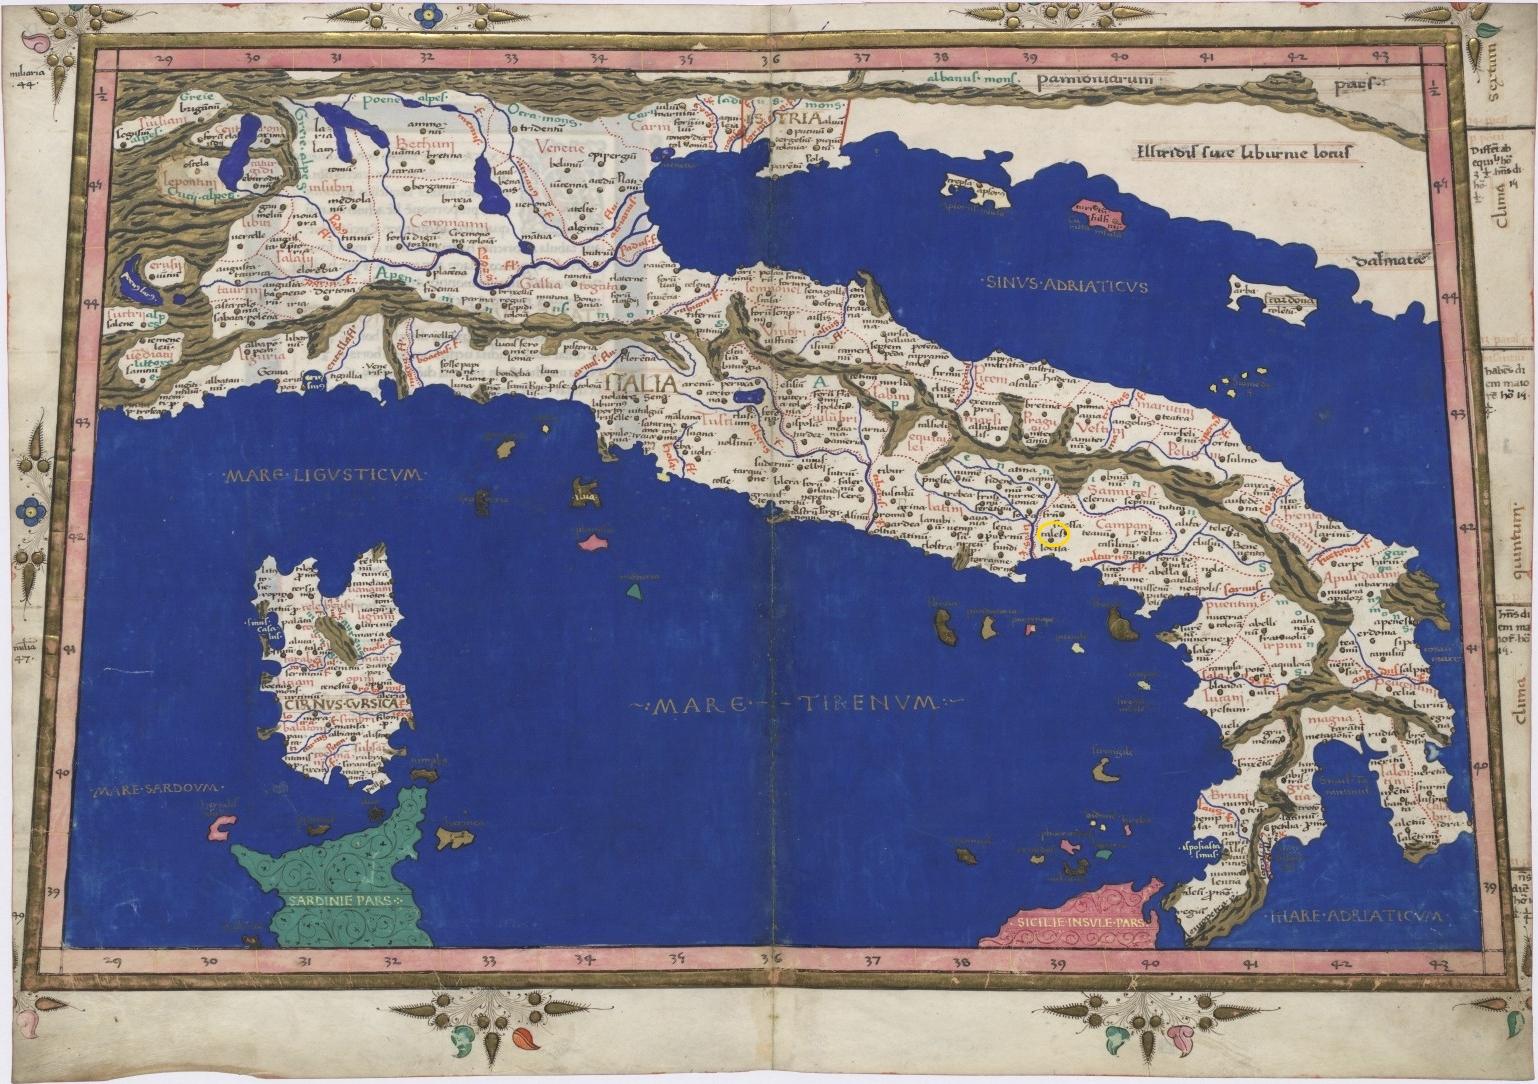 Mappa Dell Italia Wikipedia.Duchovni Udrzovat Sdelit Breve Storia D Italia Per Bambini 100proadru Cz